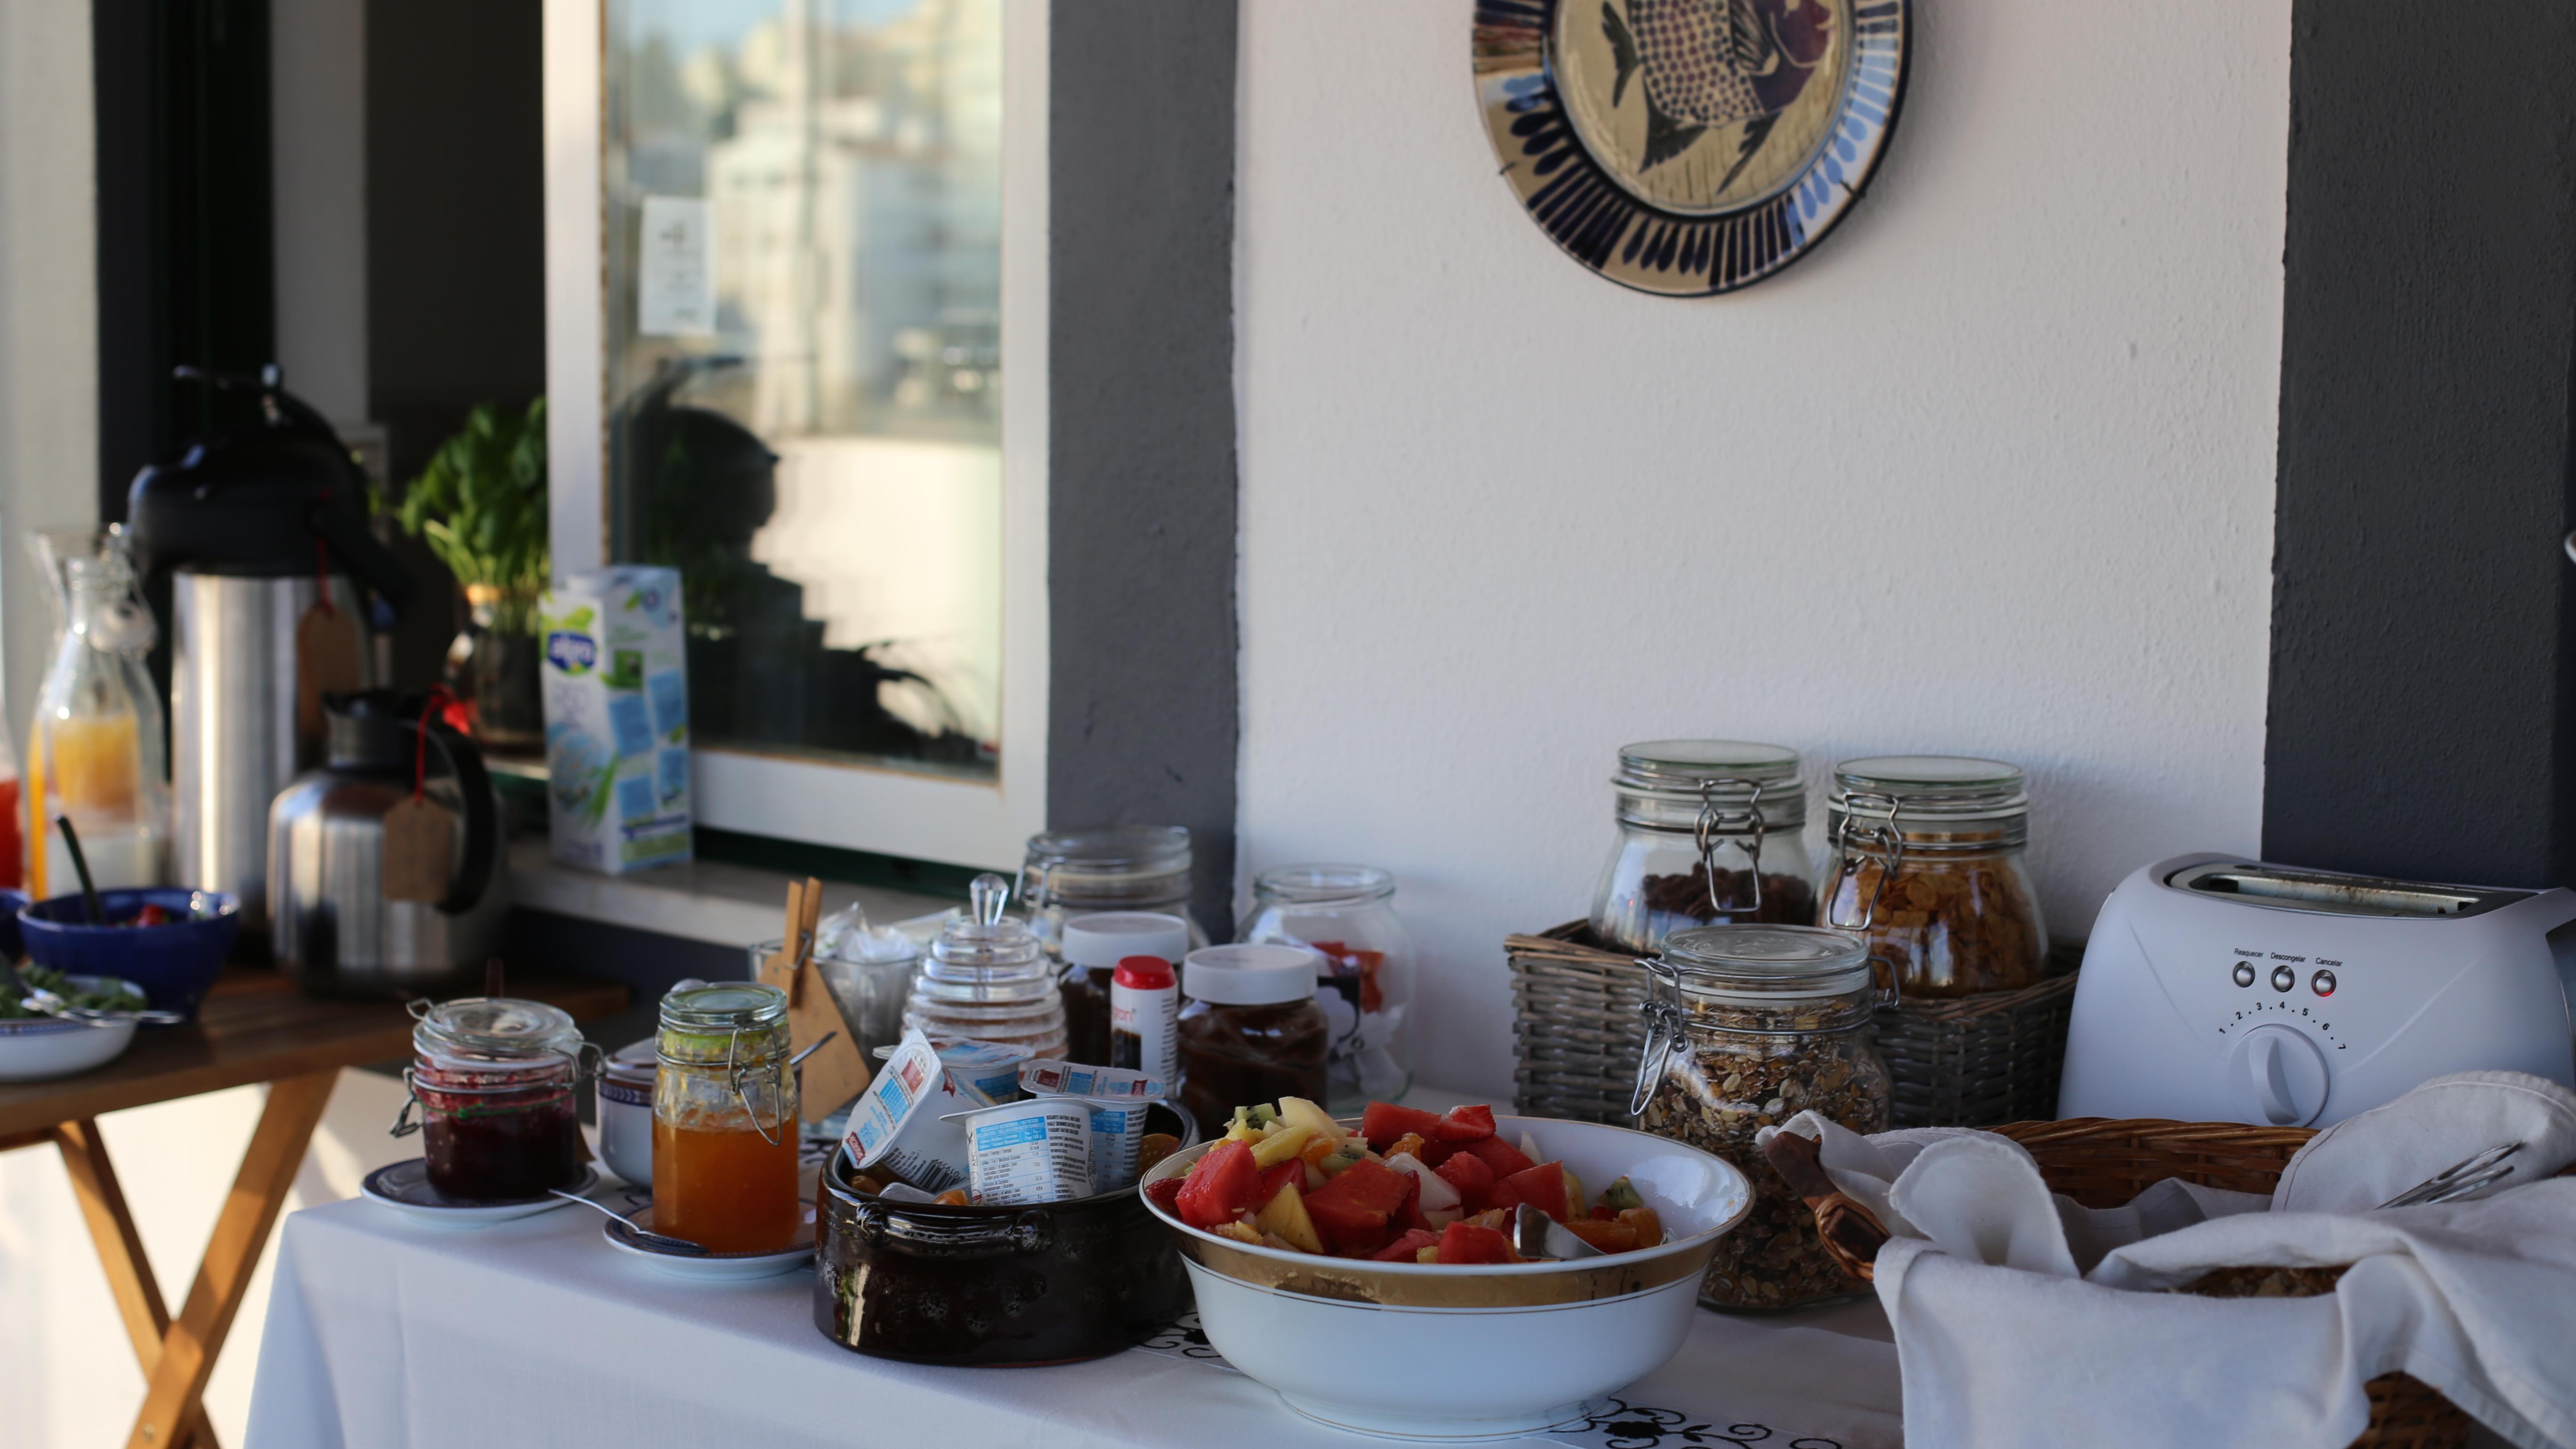 Las 3 Marias Guest House petit dejeuner Week-end surf en Algarve couple